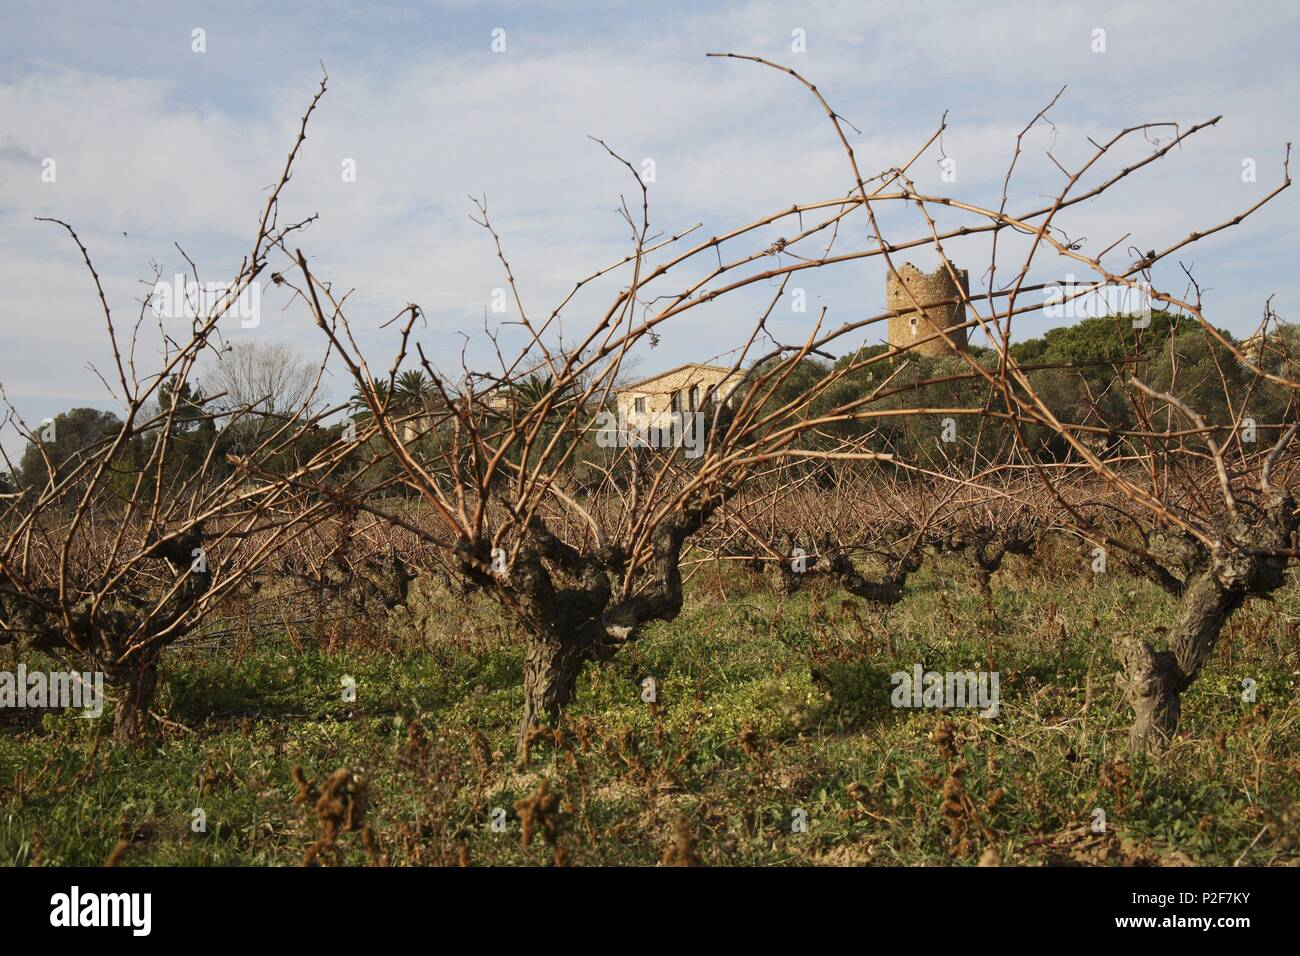 SPAIN - Catalonia - Baix Empordá (district) - GERONA. Palafrugell; masia fortificada y viñedos junto al camino a Calella. - Stock Image